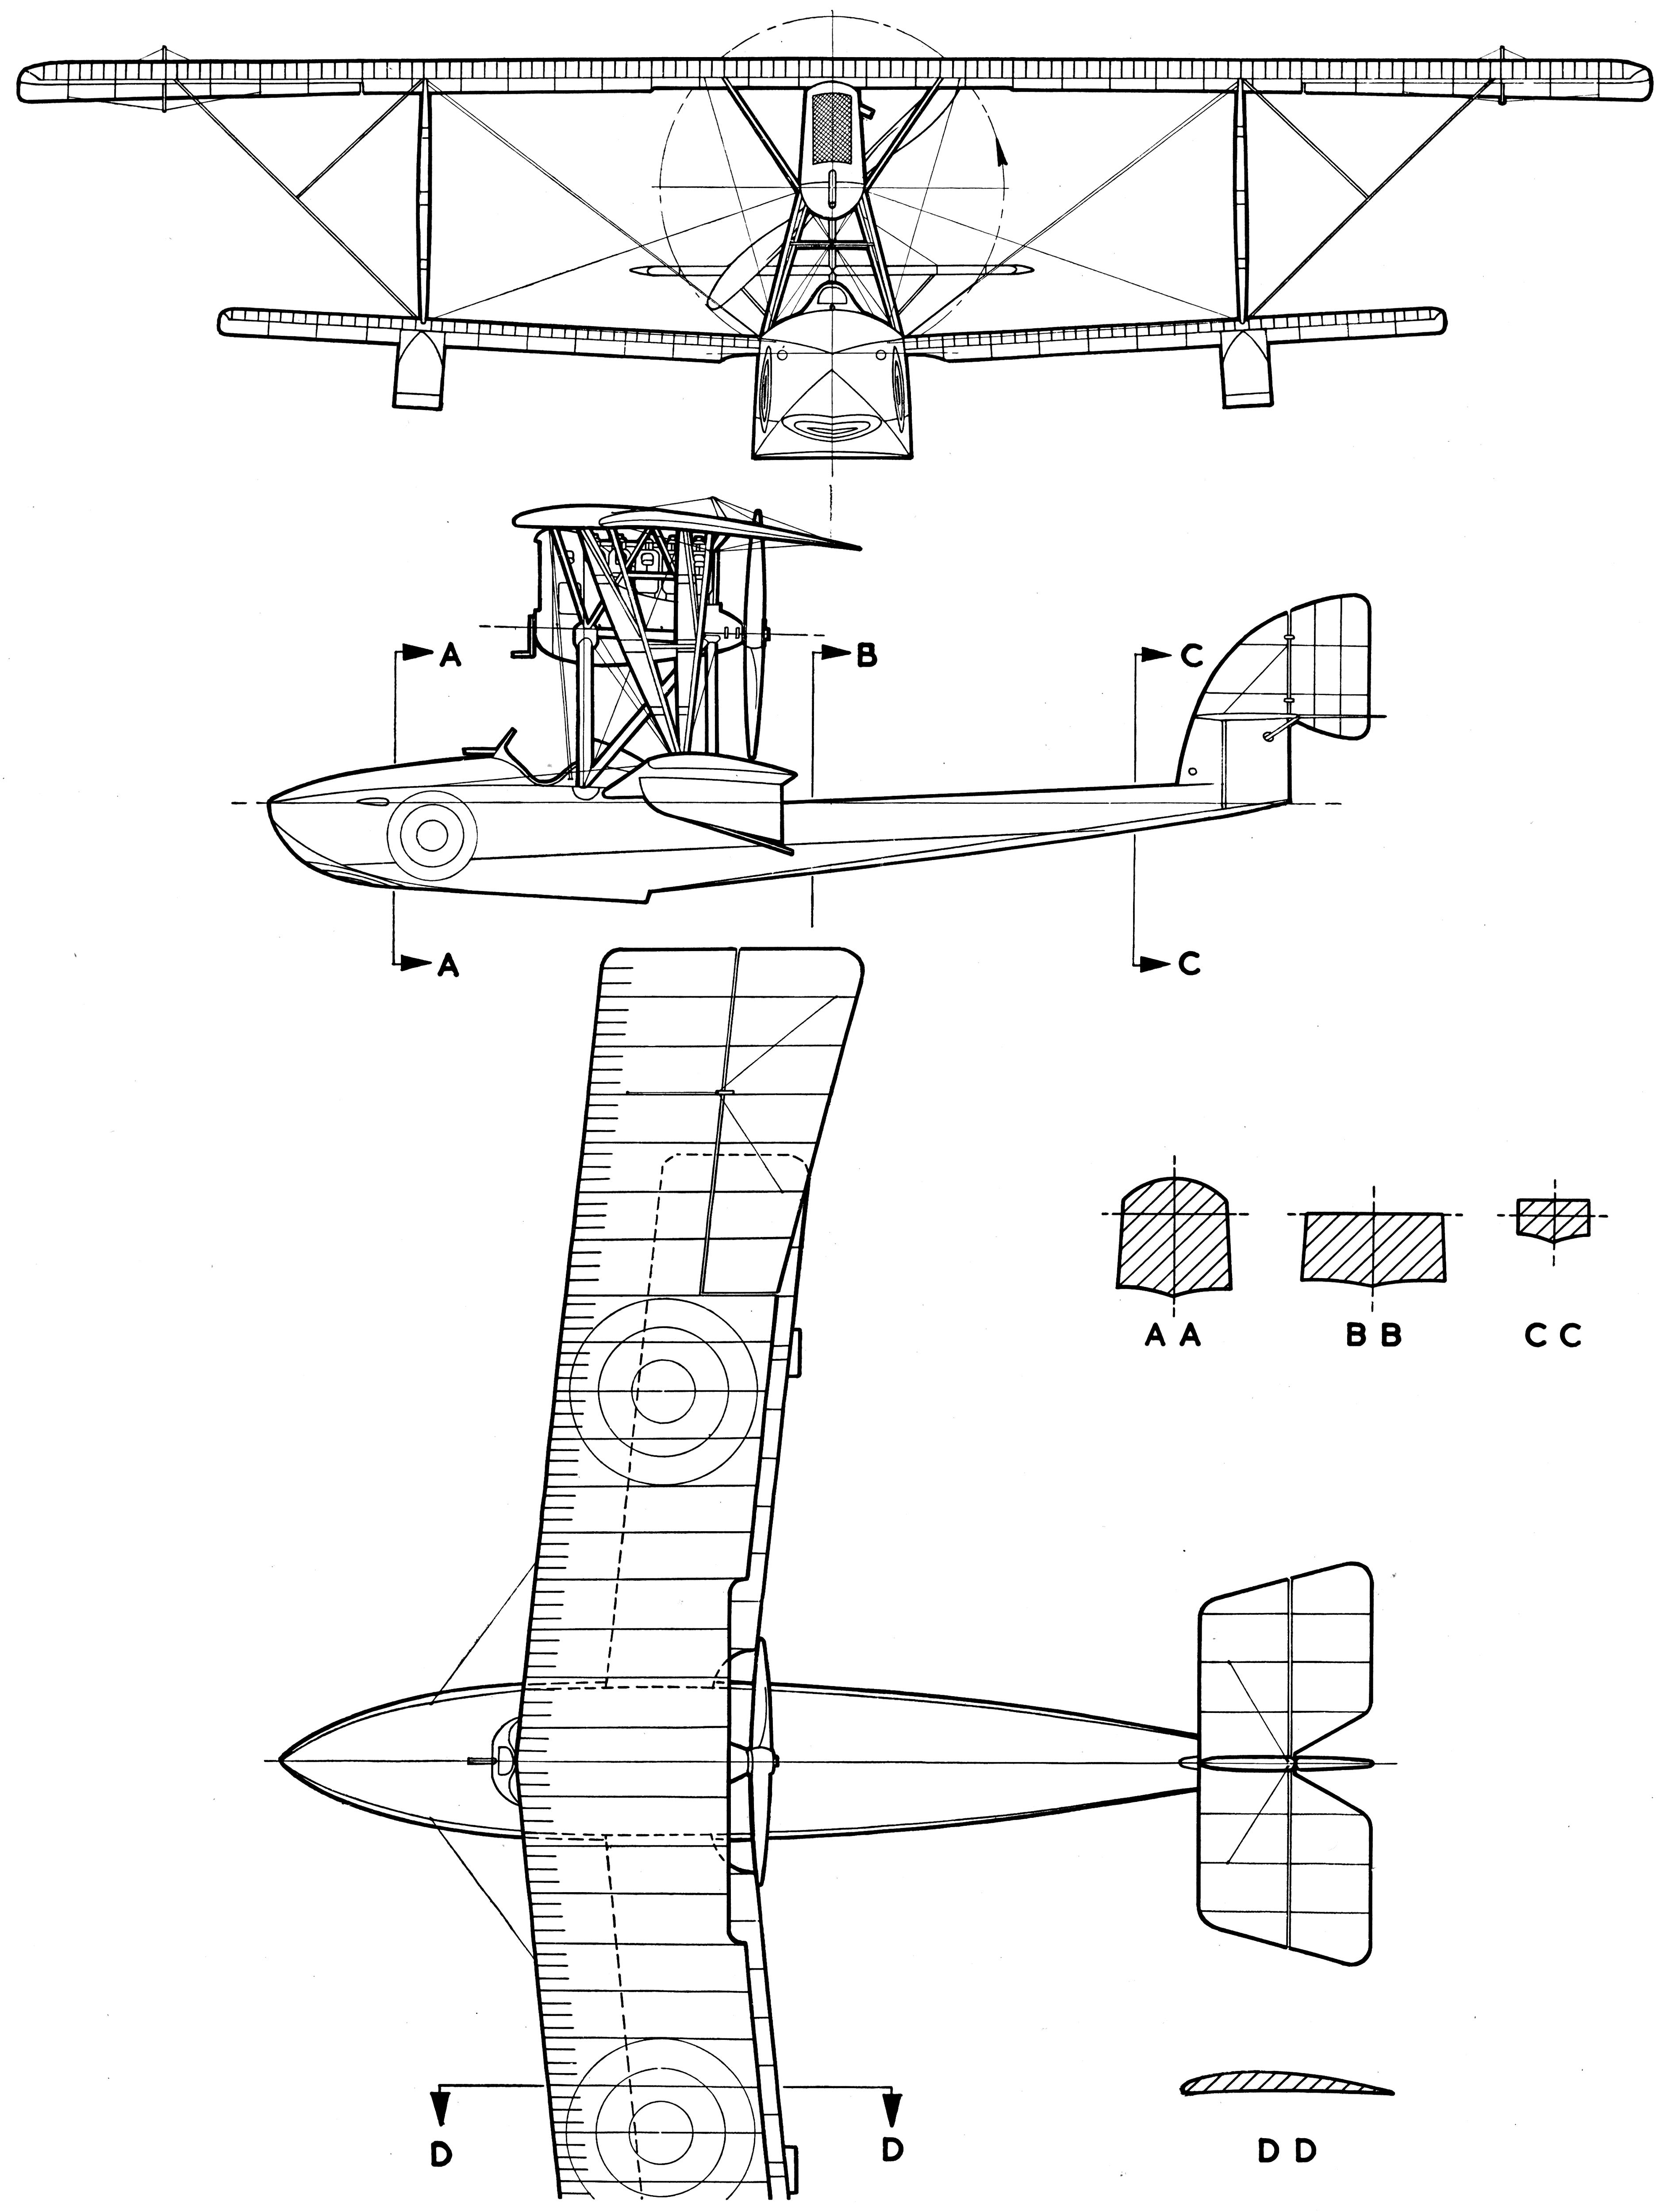 Macchi M.5 blueprint